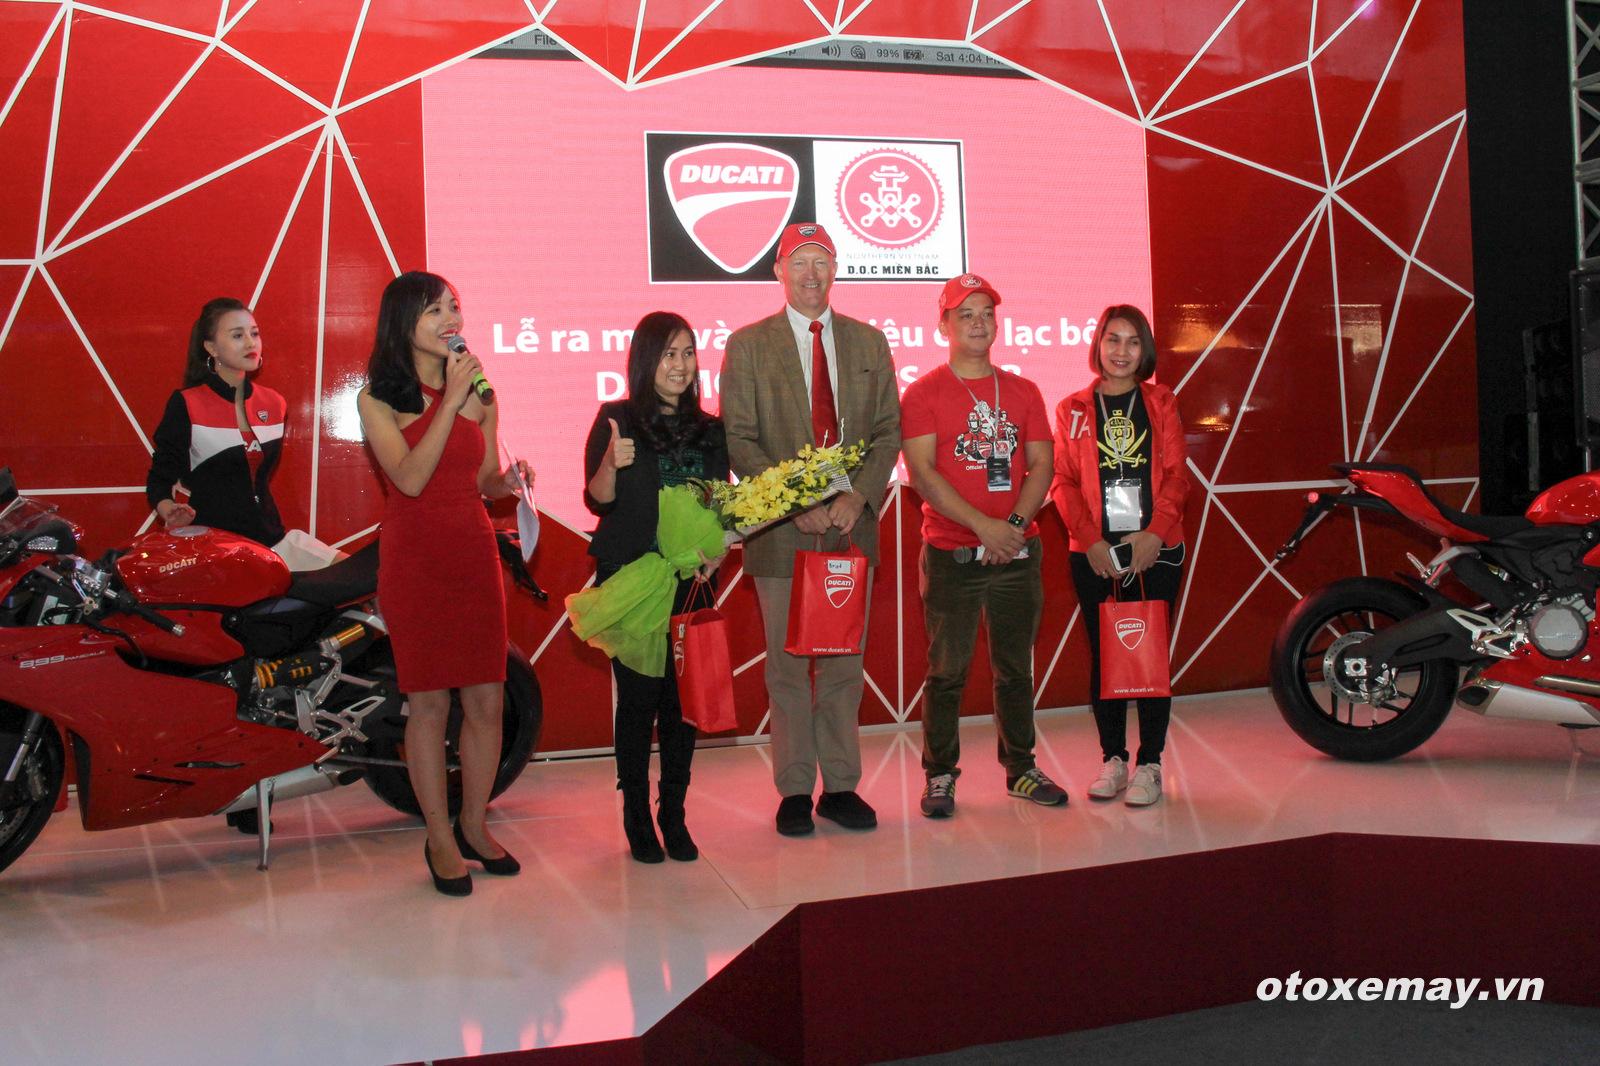 VIMS 2015: D.O.C Miền Bắc chính thức nhập hội Ducatisti thế giới 7